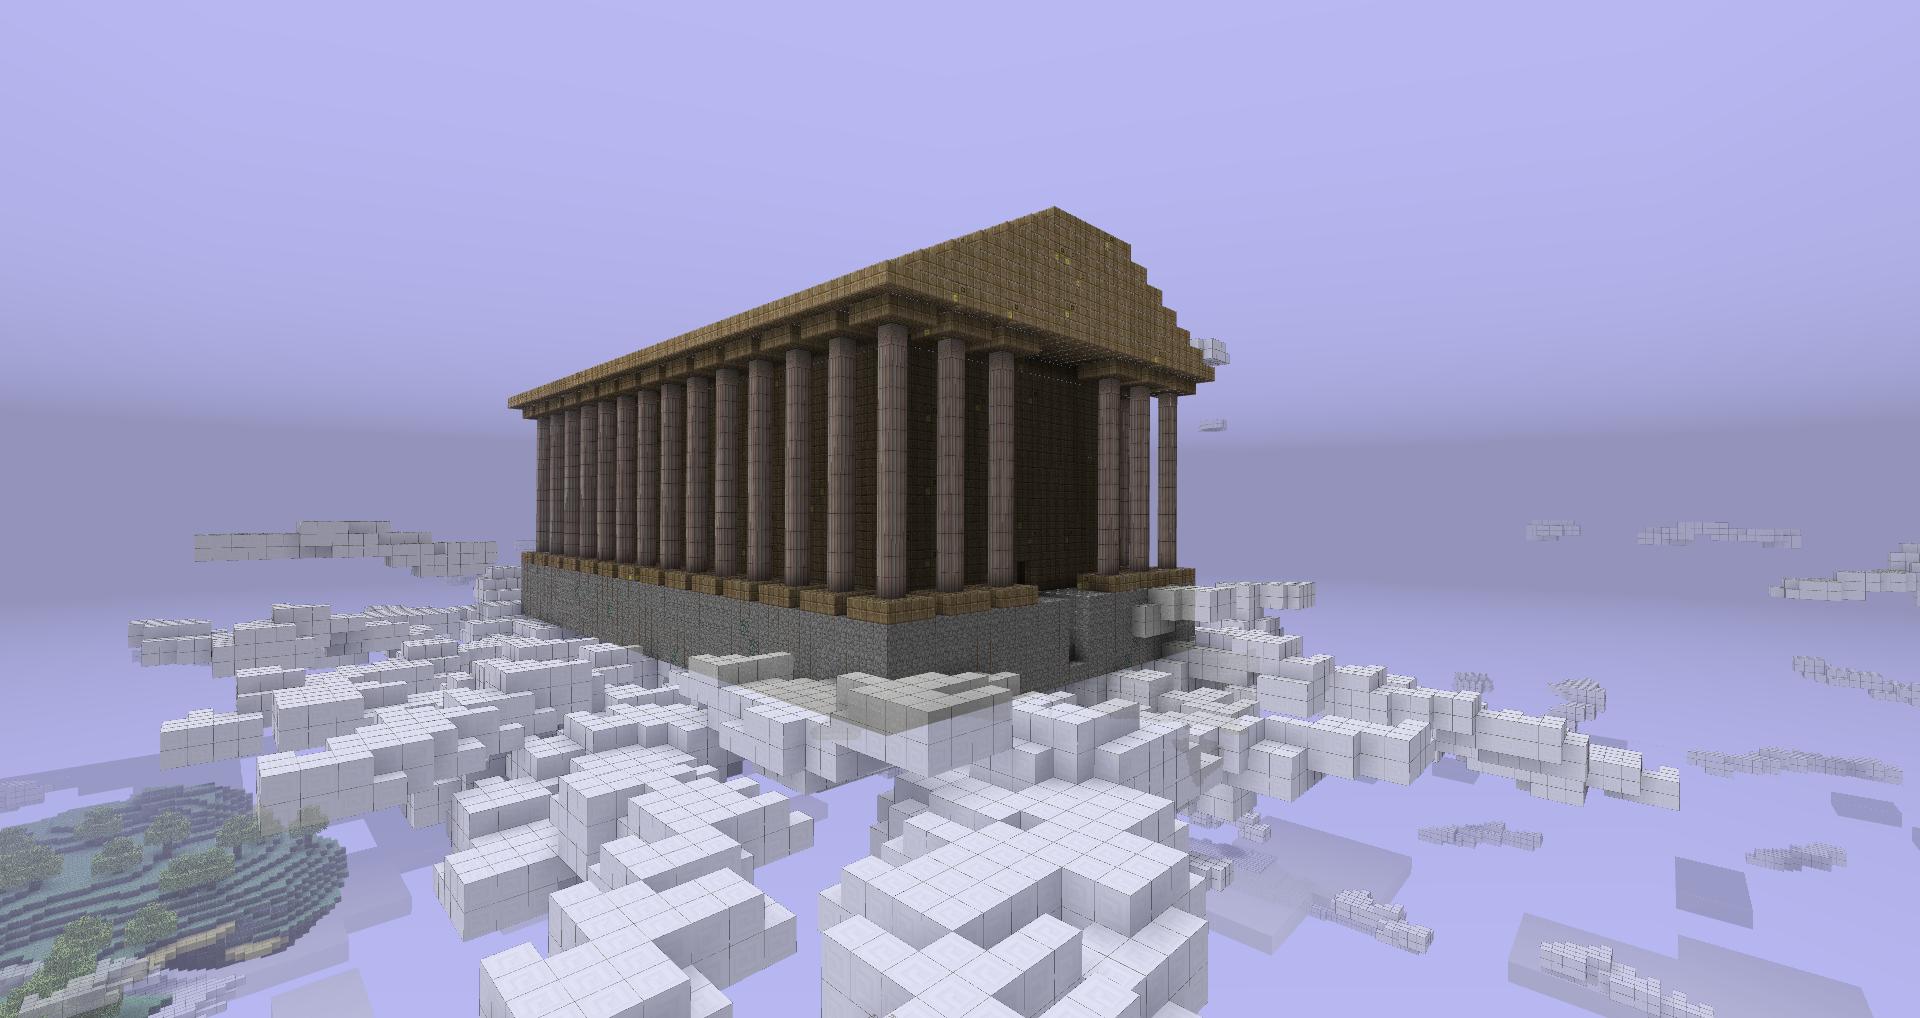 Minecraft Modernes Haus Bauen X Tutorial Anleitung Hd - Minecraft gute hauser bauen